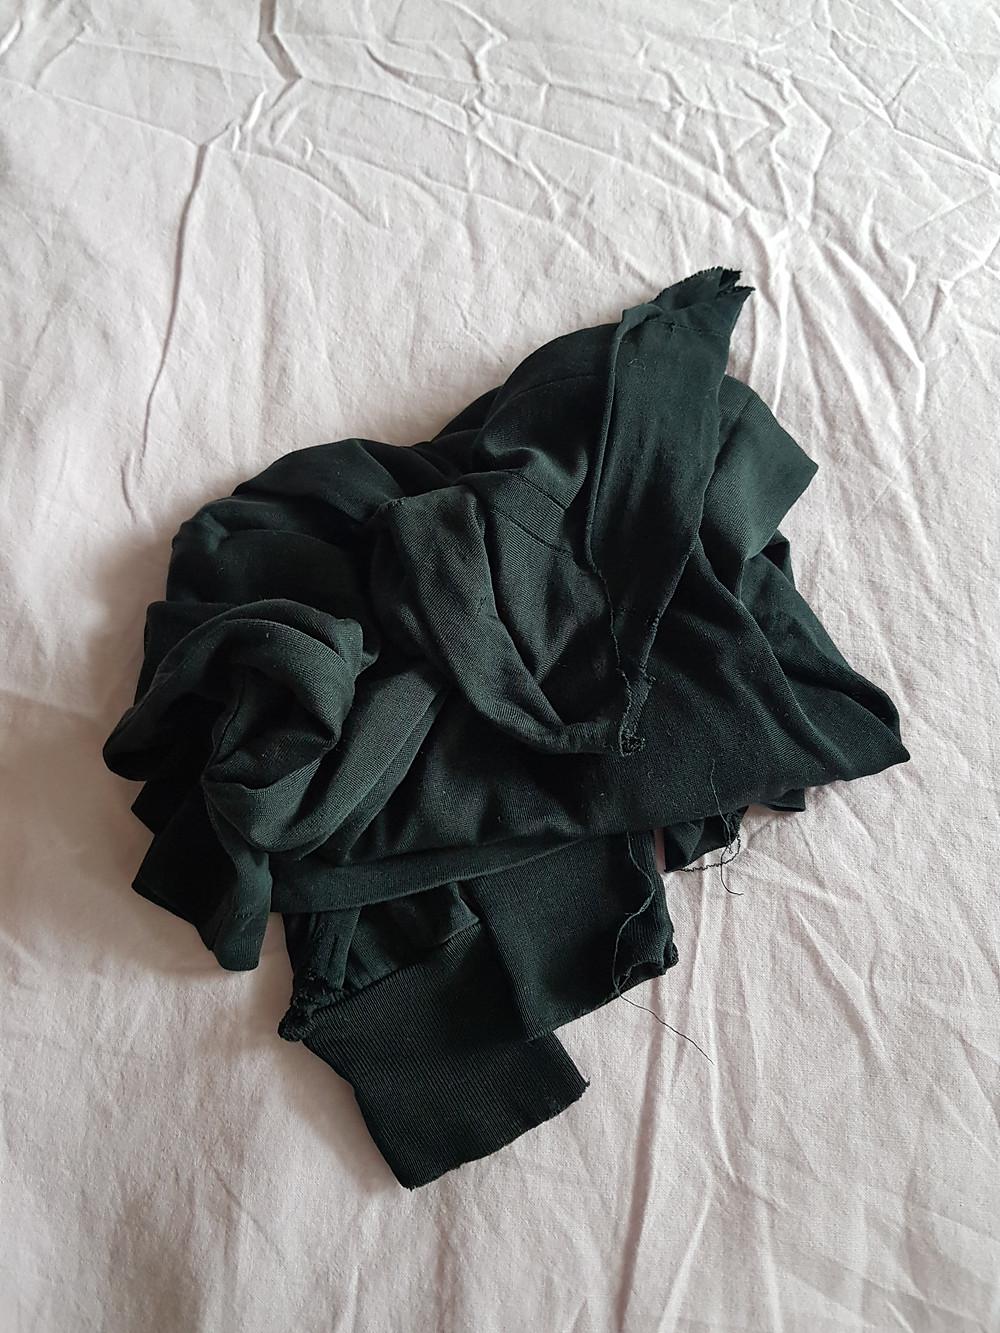 Musta silkkipaita rytyssä ryppyisen vaaleanliilan lakanan päällä.